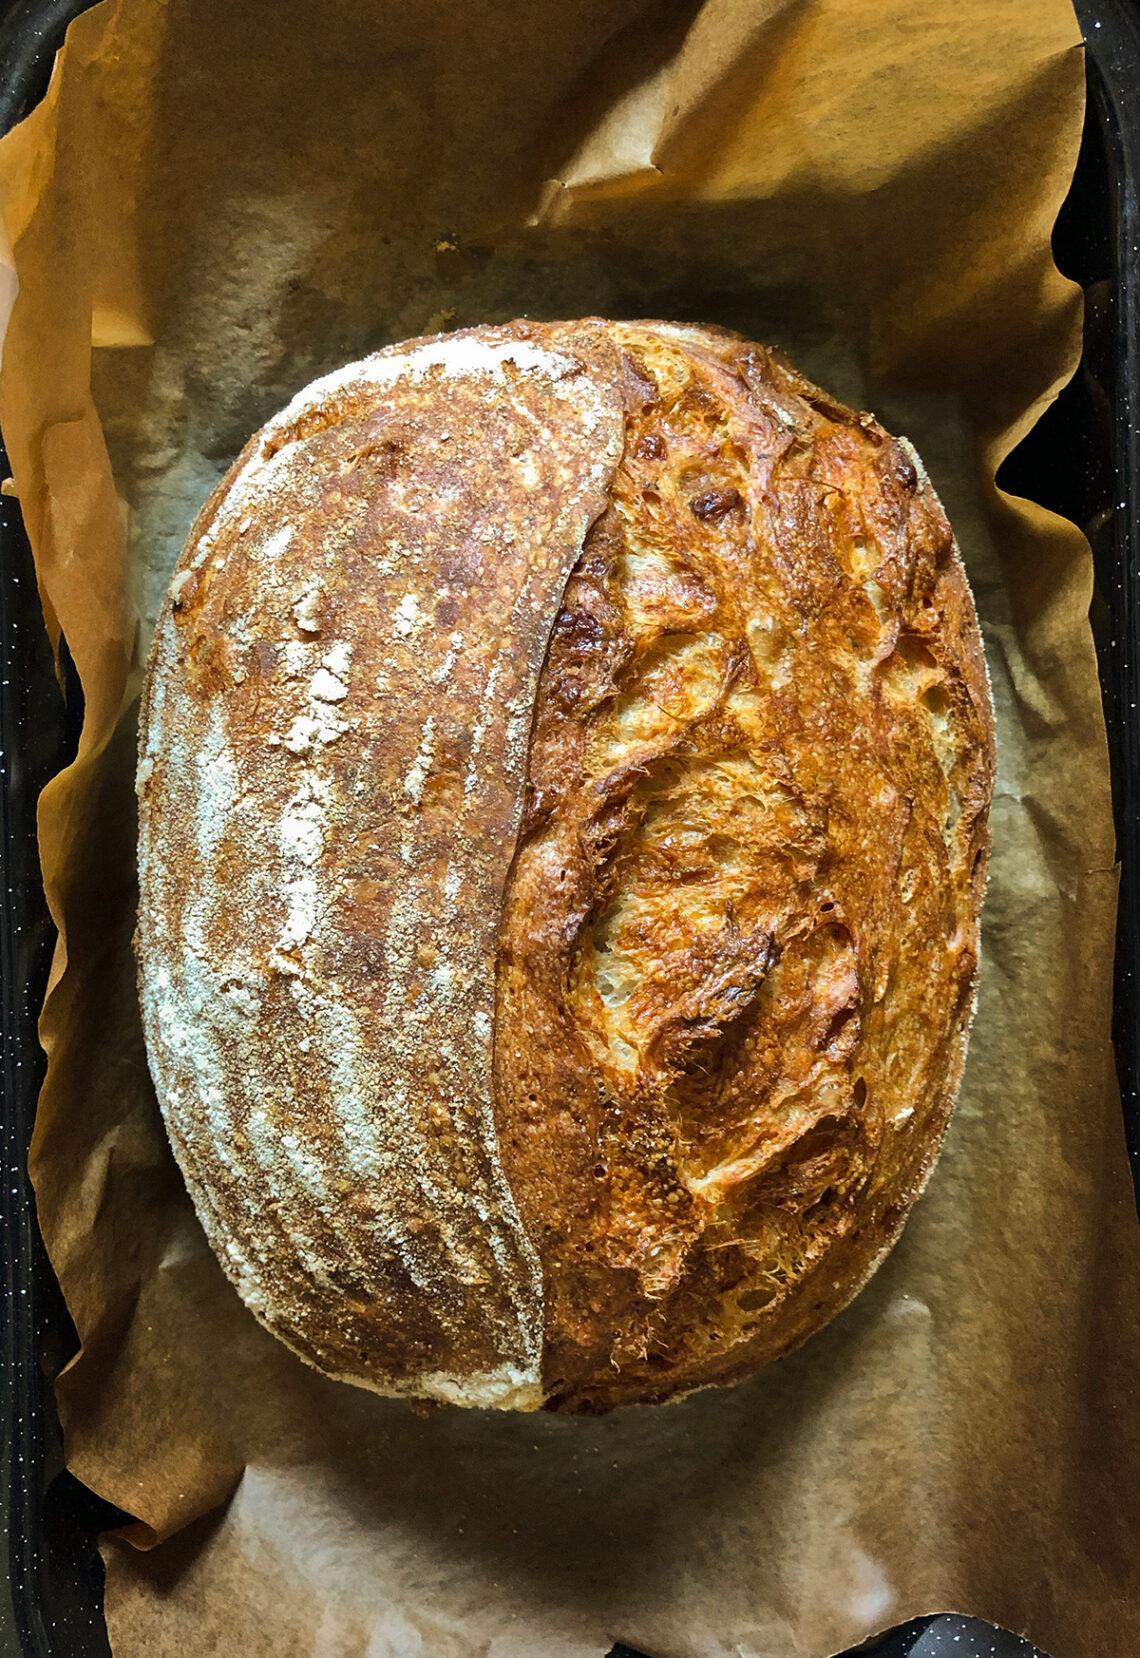 Лёгкий белый хлеб на закваске. Самые вкусные блюда одесской кухни в кулинарном блоге Марии Каленской.